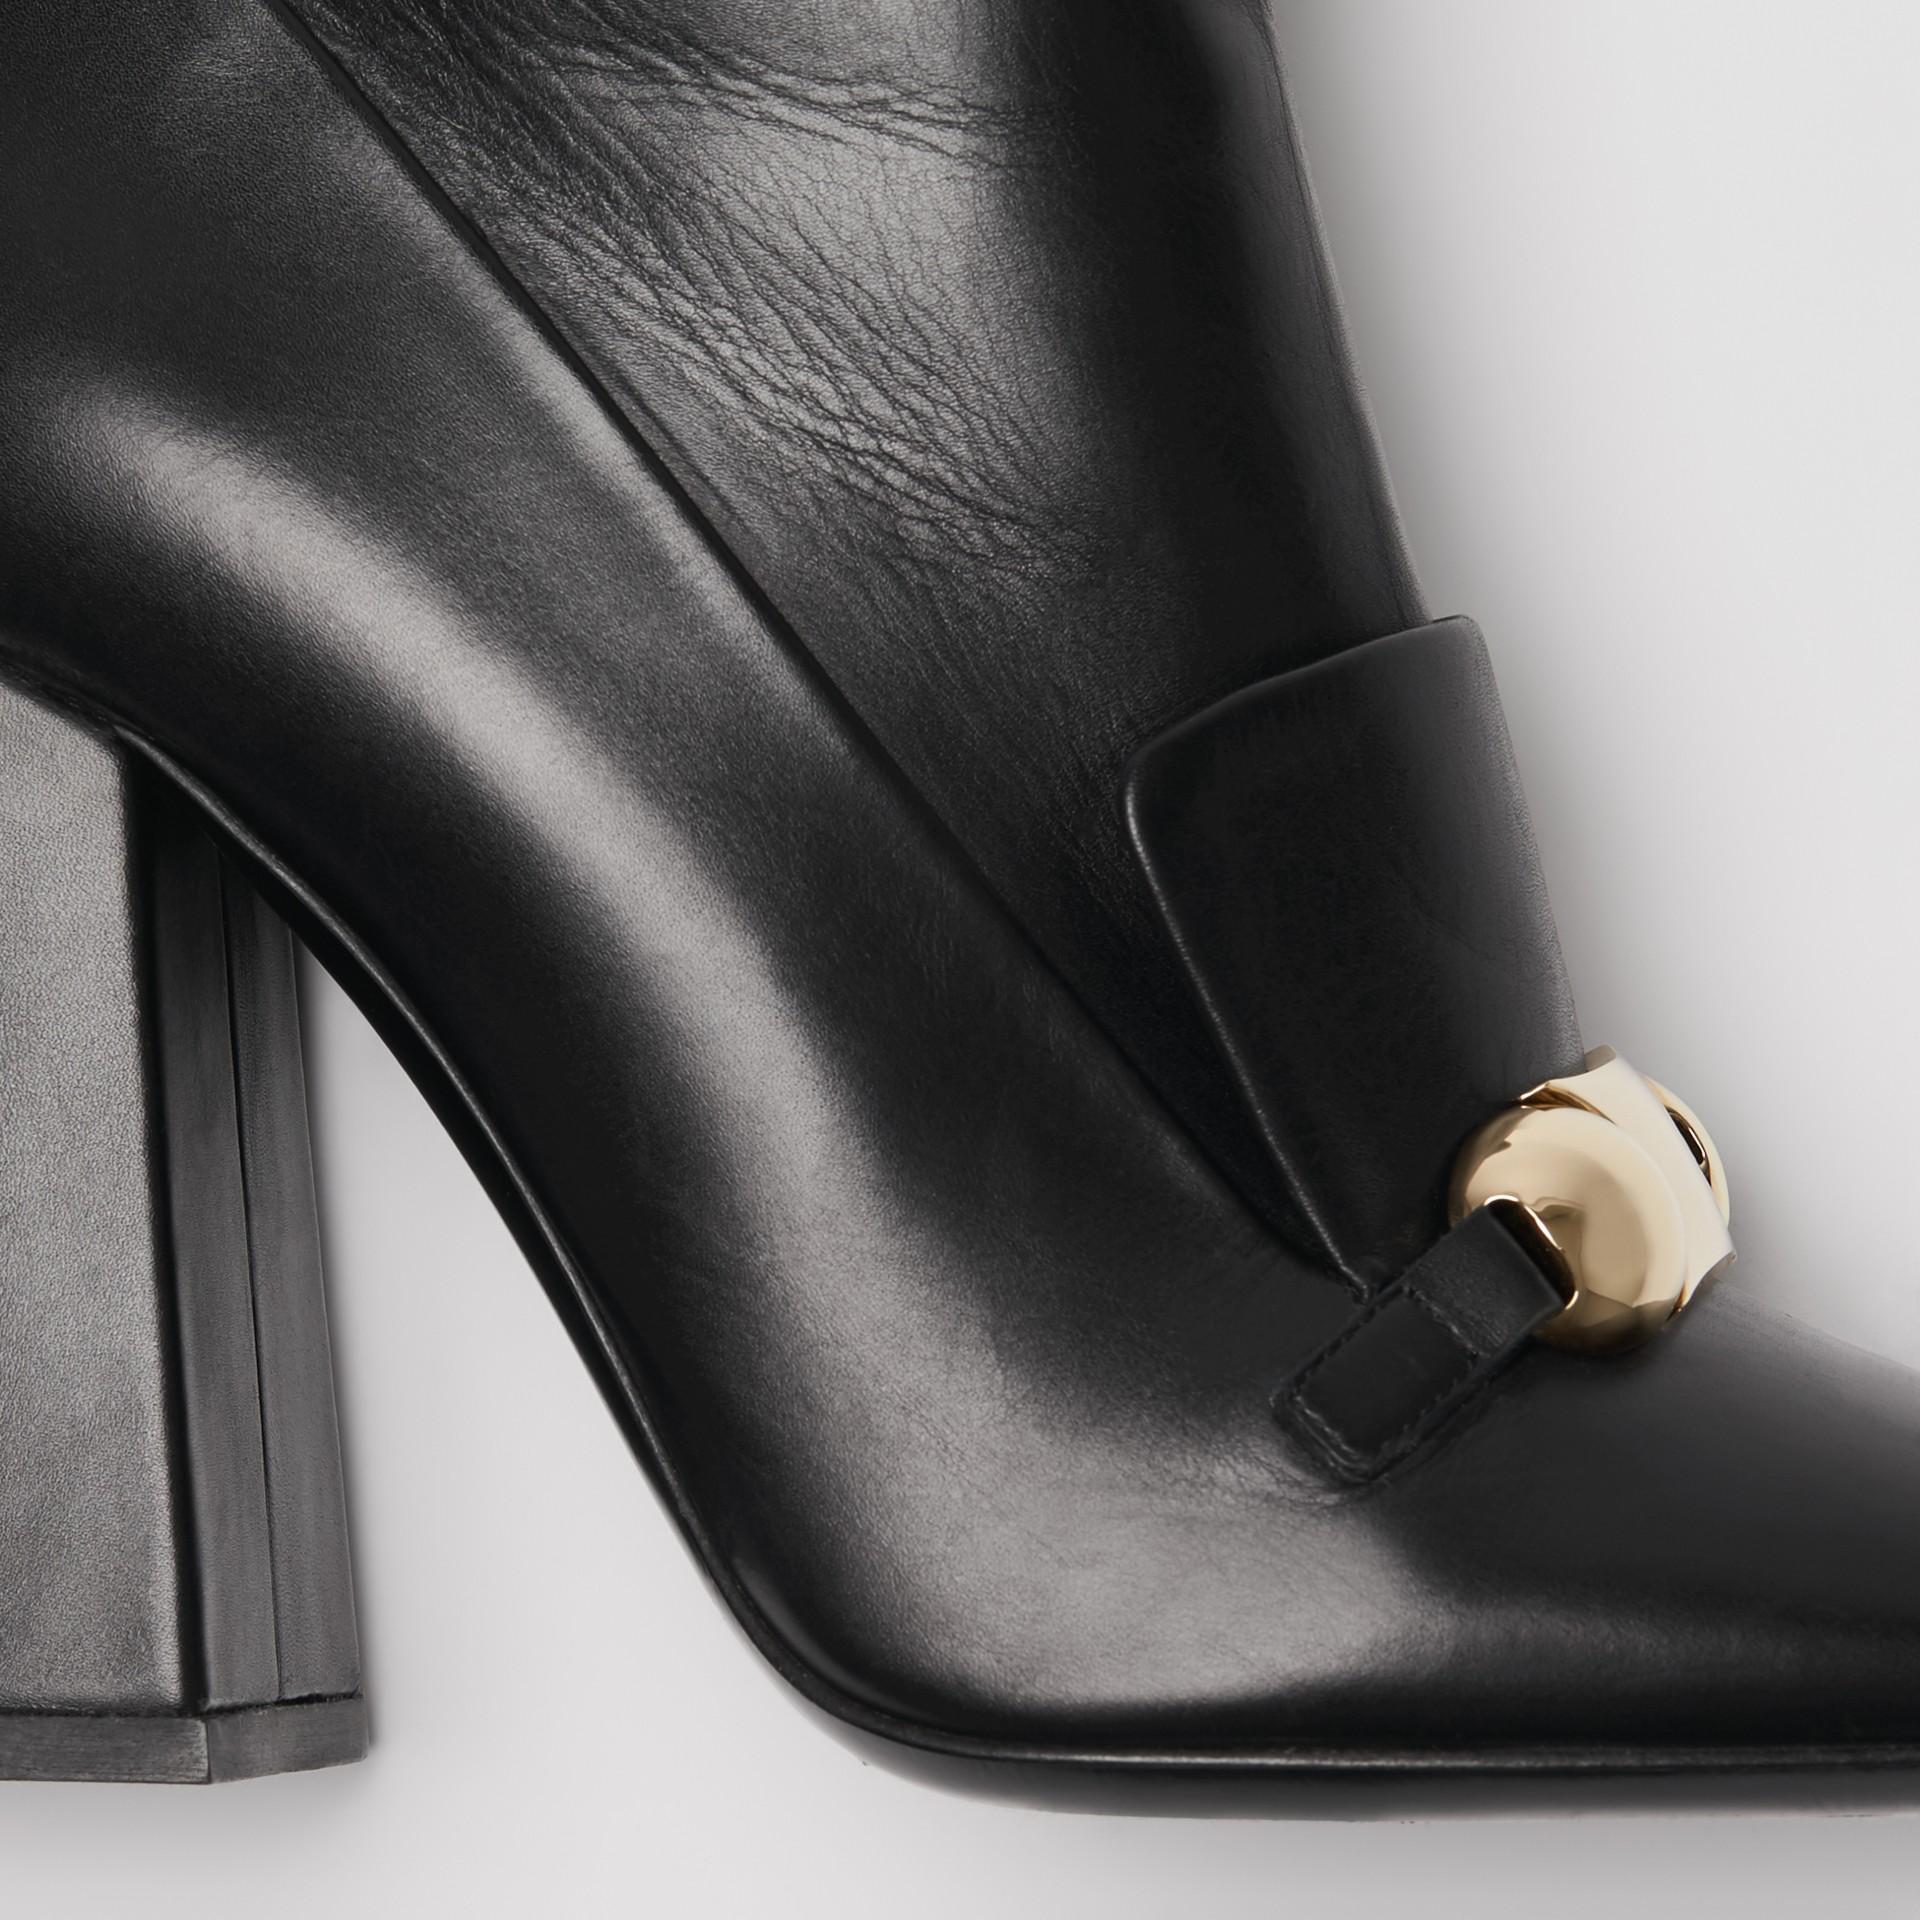 Bottines en cuir avec bride cloutée (Noir) - Femme | Burberry - photo de la galerie 1